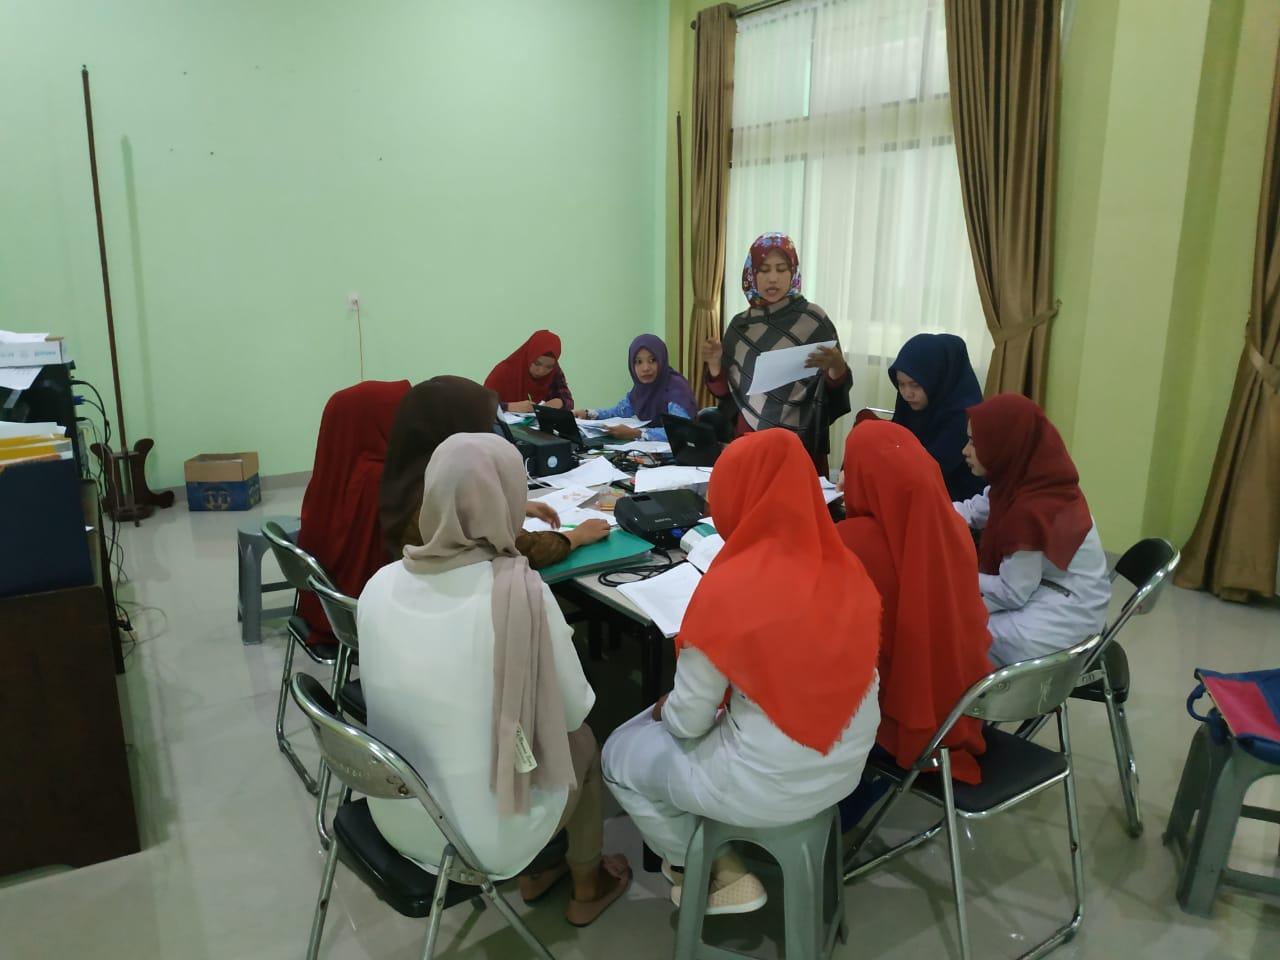 Larispa Dipercaya Sebagai Tim Konsultasi Akreditasi Rumah Sakit Nurul Hasanah Kutacane, Aceh Tenggara